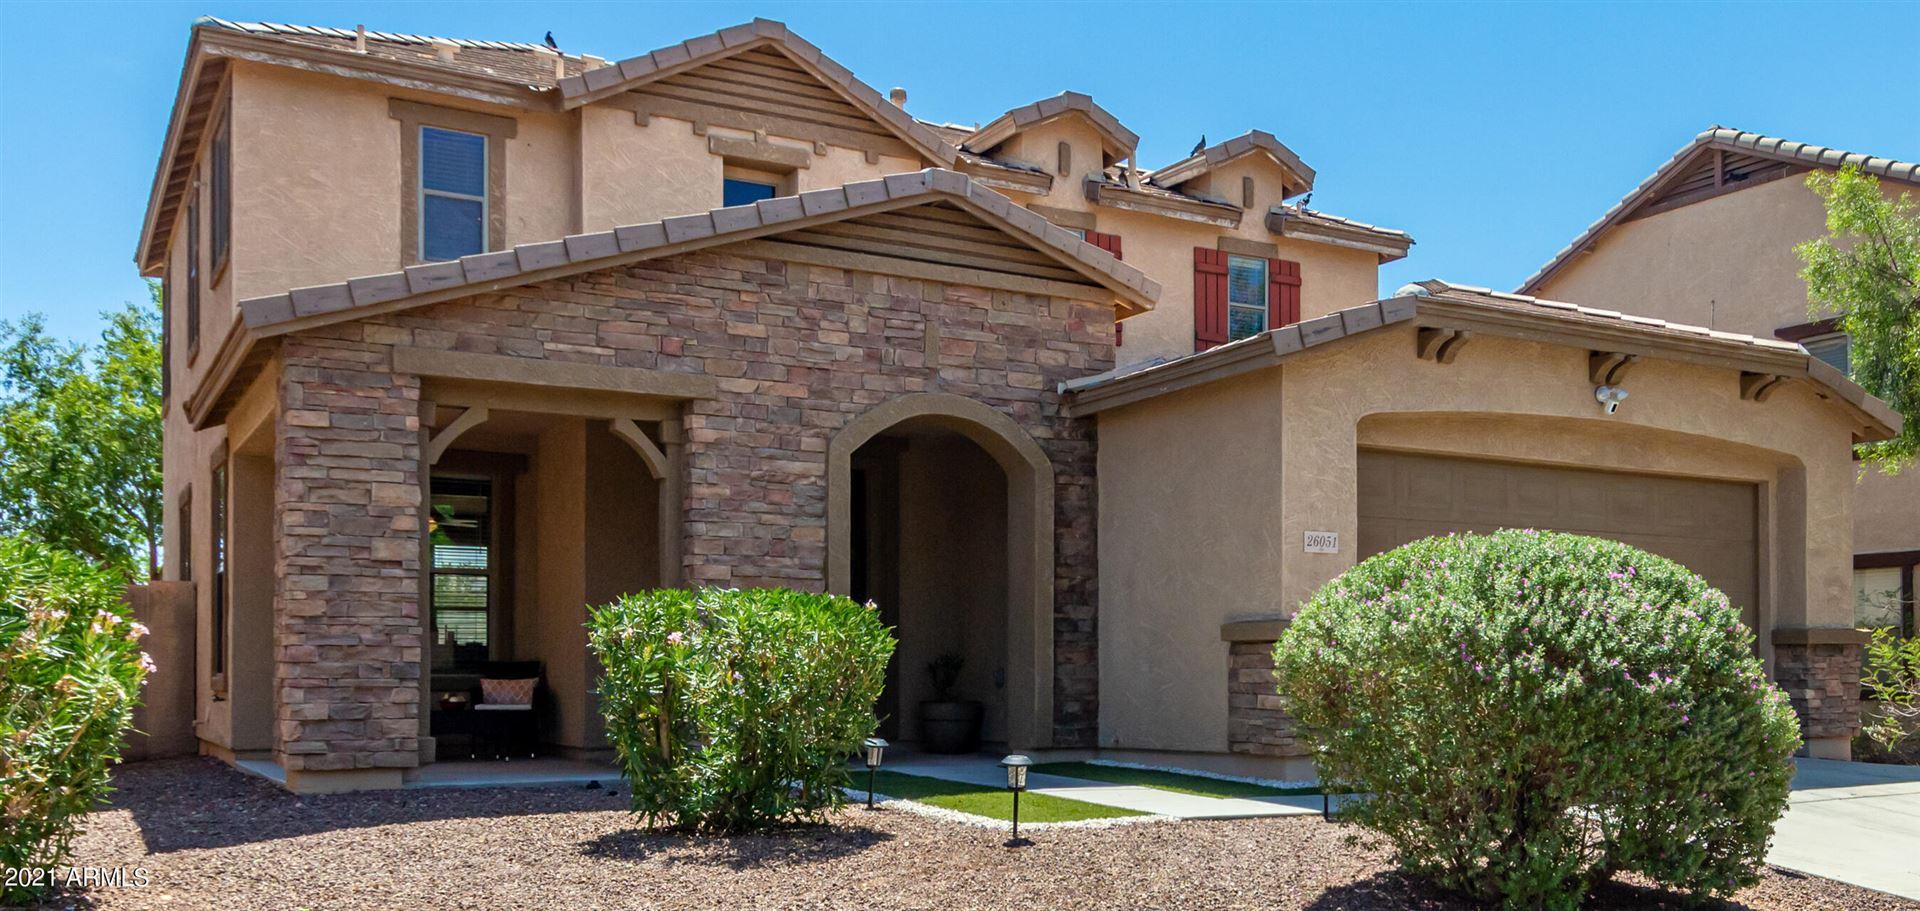 26051 N 163RD Drive, Surprise, AZ 85387 - MLS#: 6271643